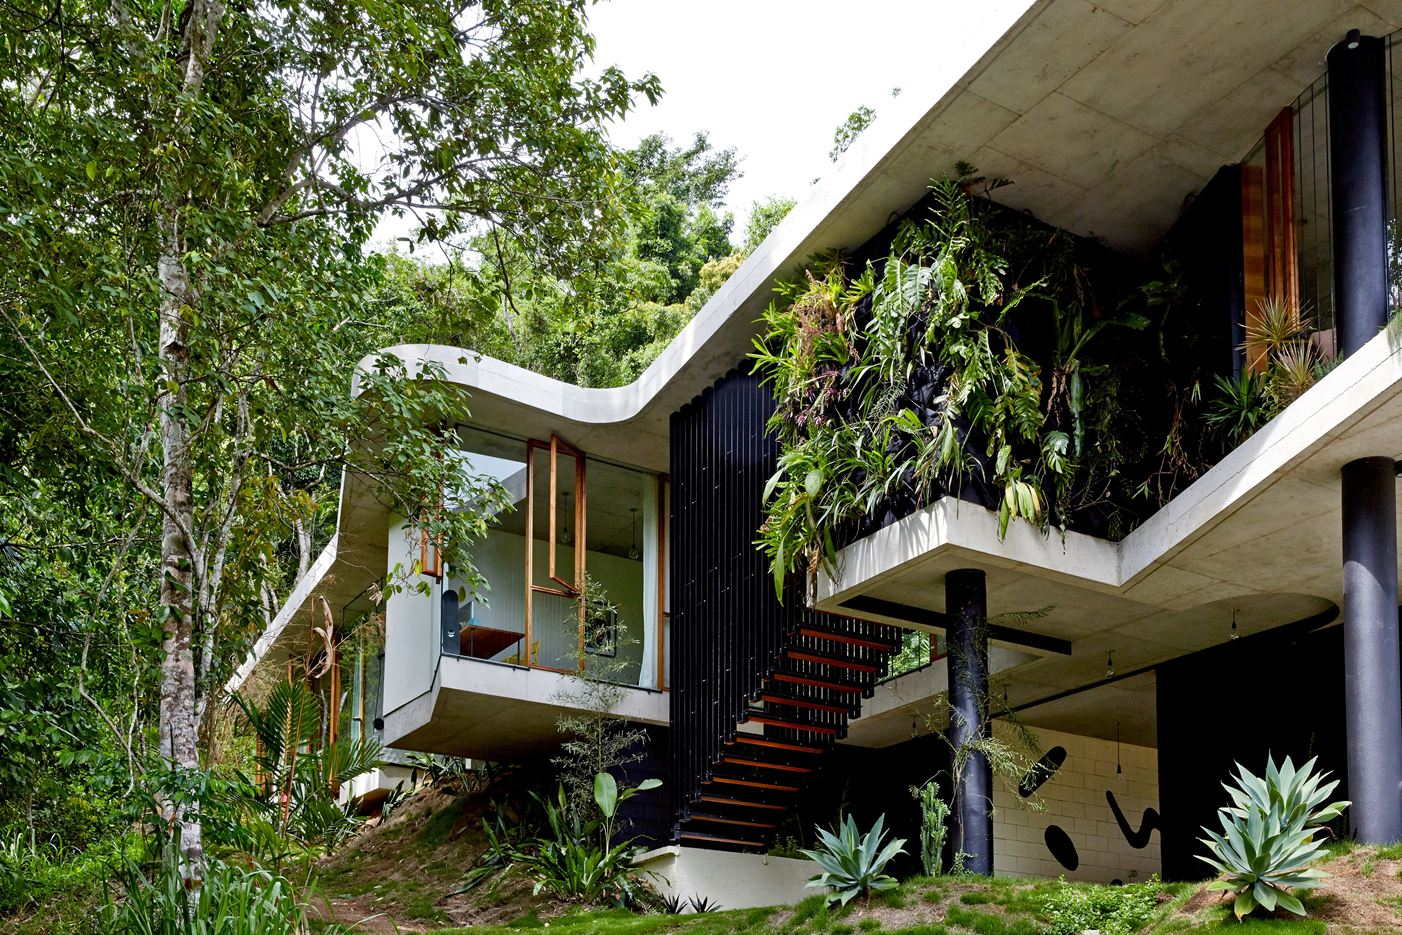 Planchonella House in Queensland, Australia by Jesse Bennett Architect